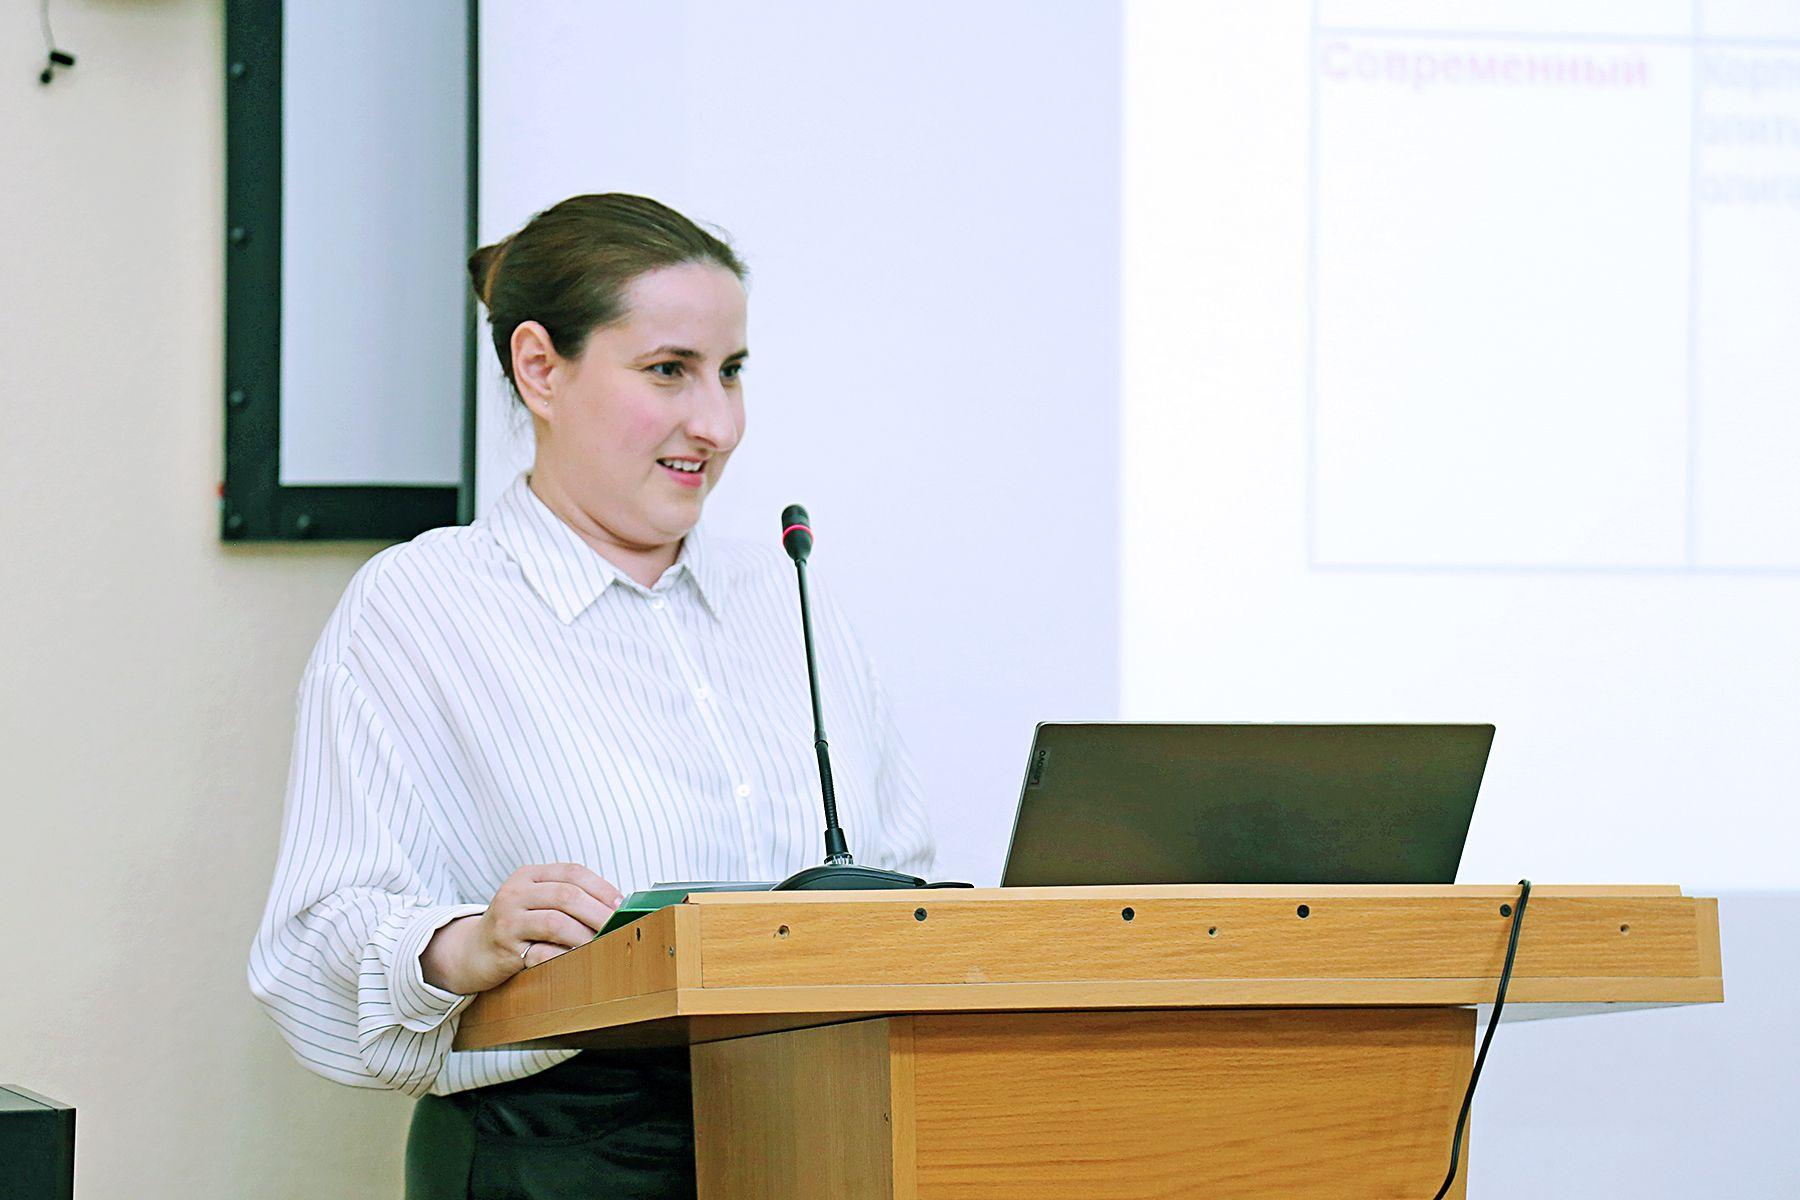 Выход на новую траекторию развития страны: во ВГУЭС обсудили докторскую диссертацию доцента Анастасии Николенко